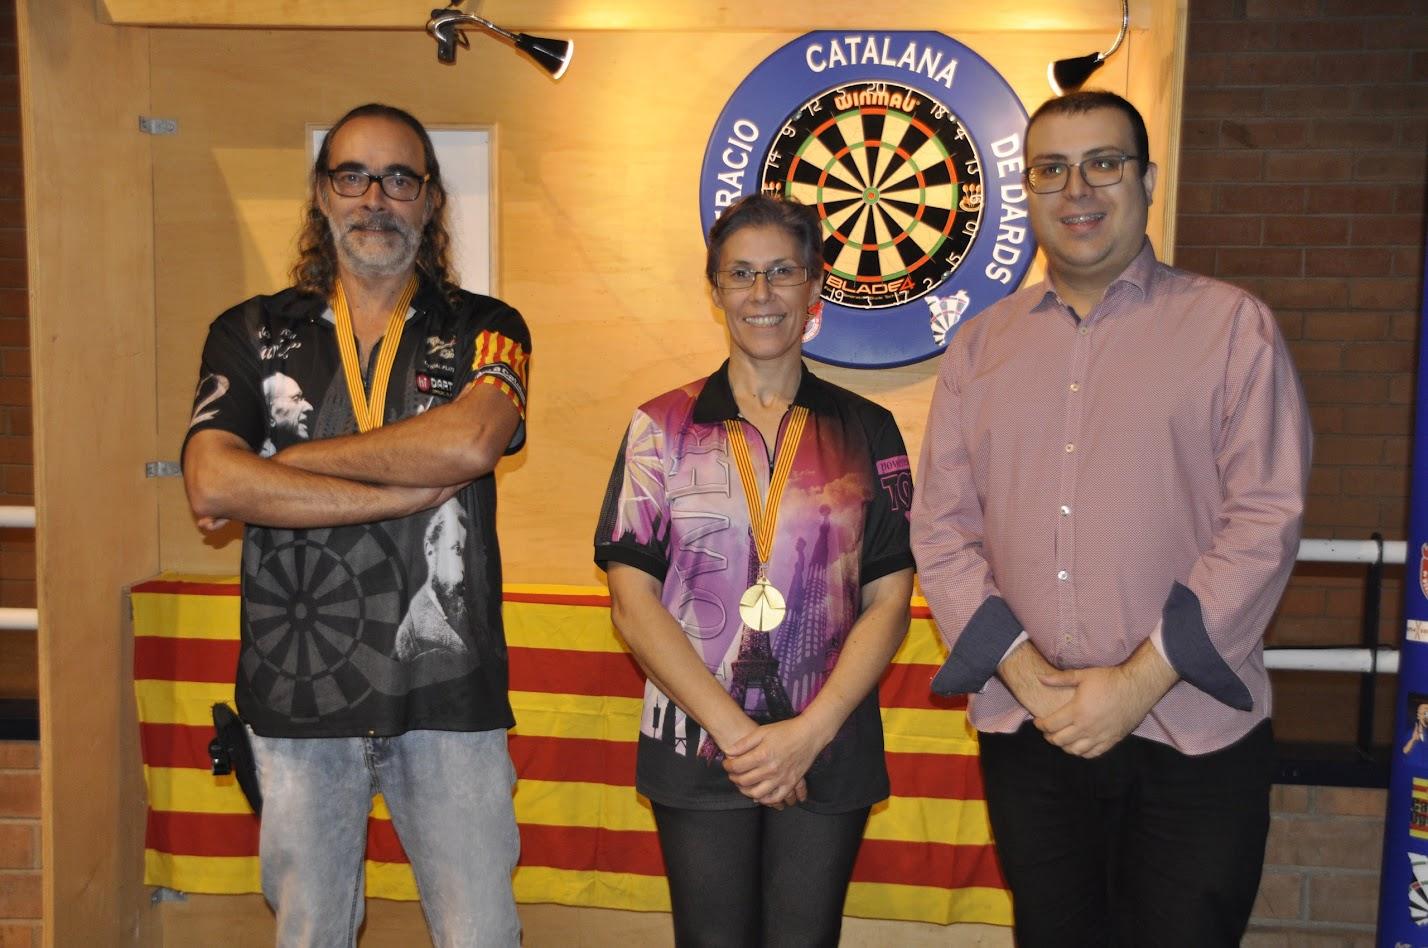 Carles Arola, Montser Boronat i Josep Maria Salvadó